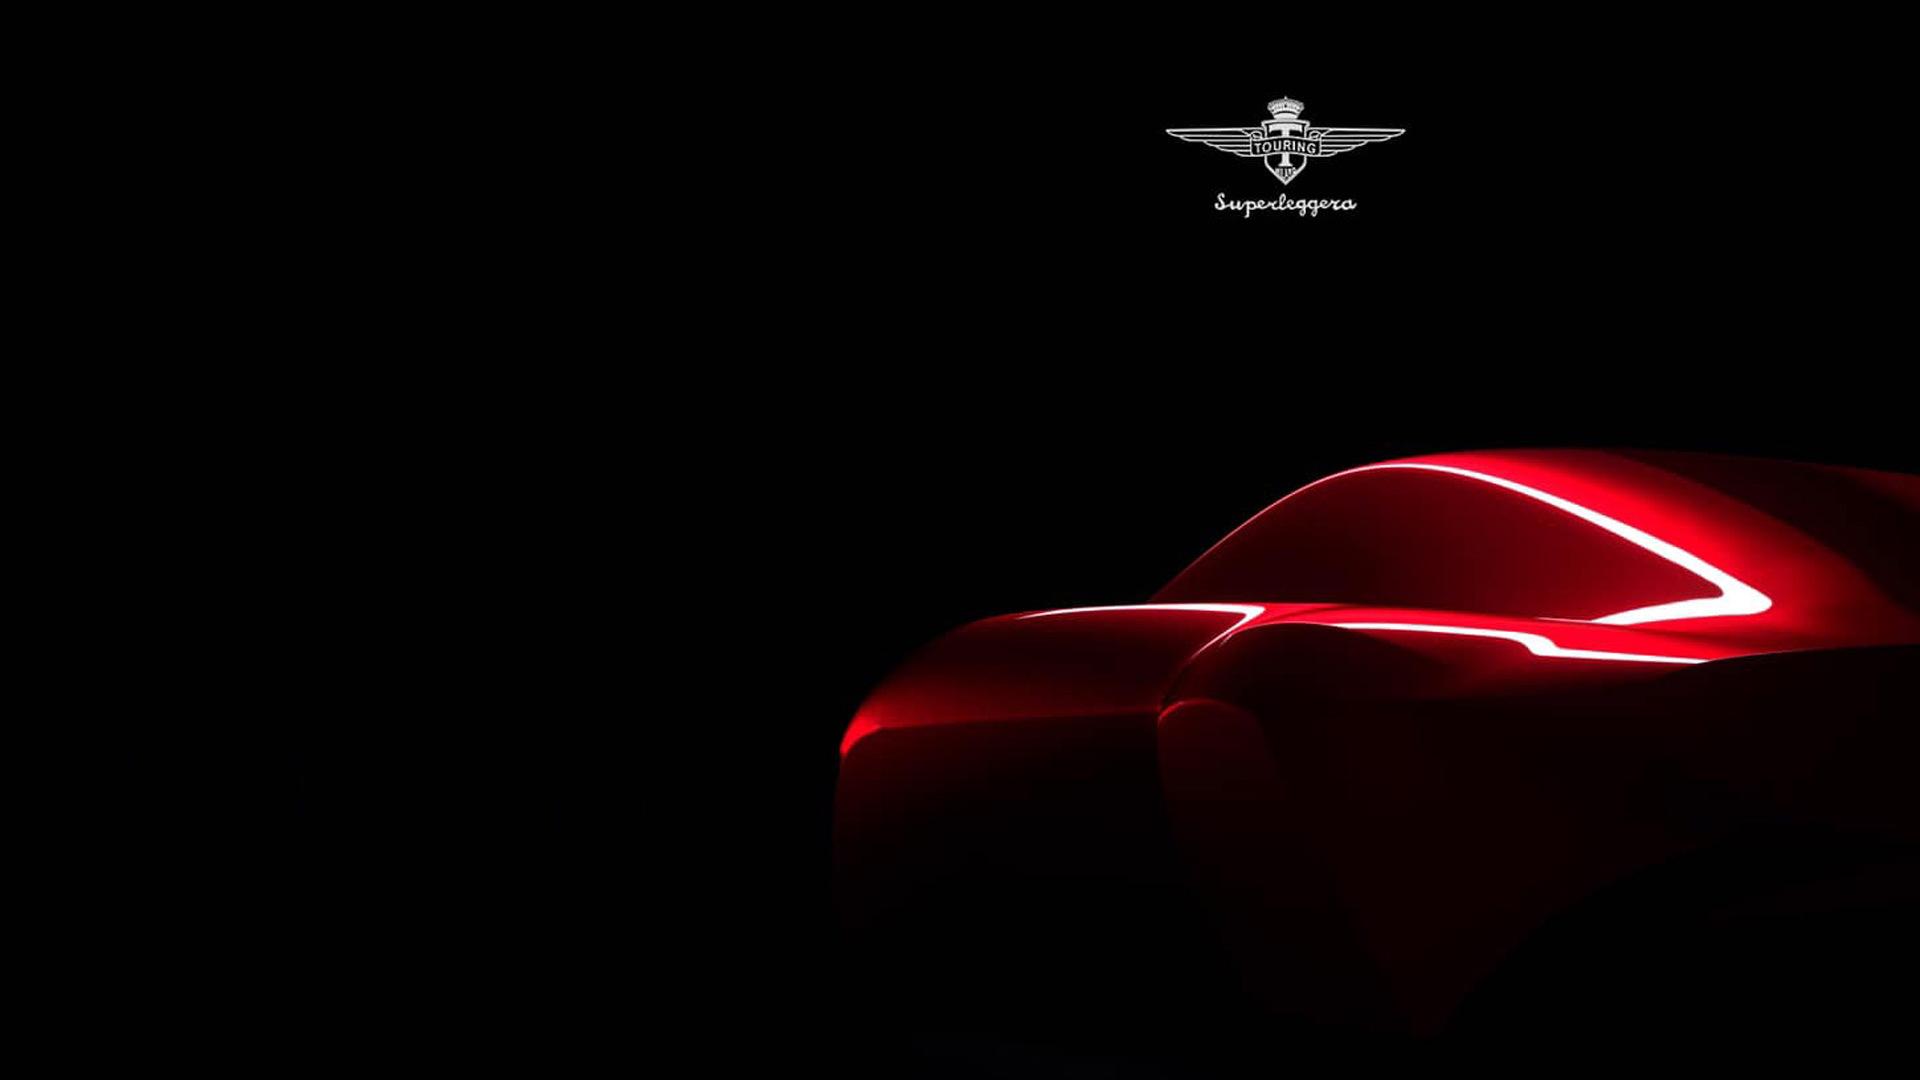 Teaser for Touring Berlinetta Aero